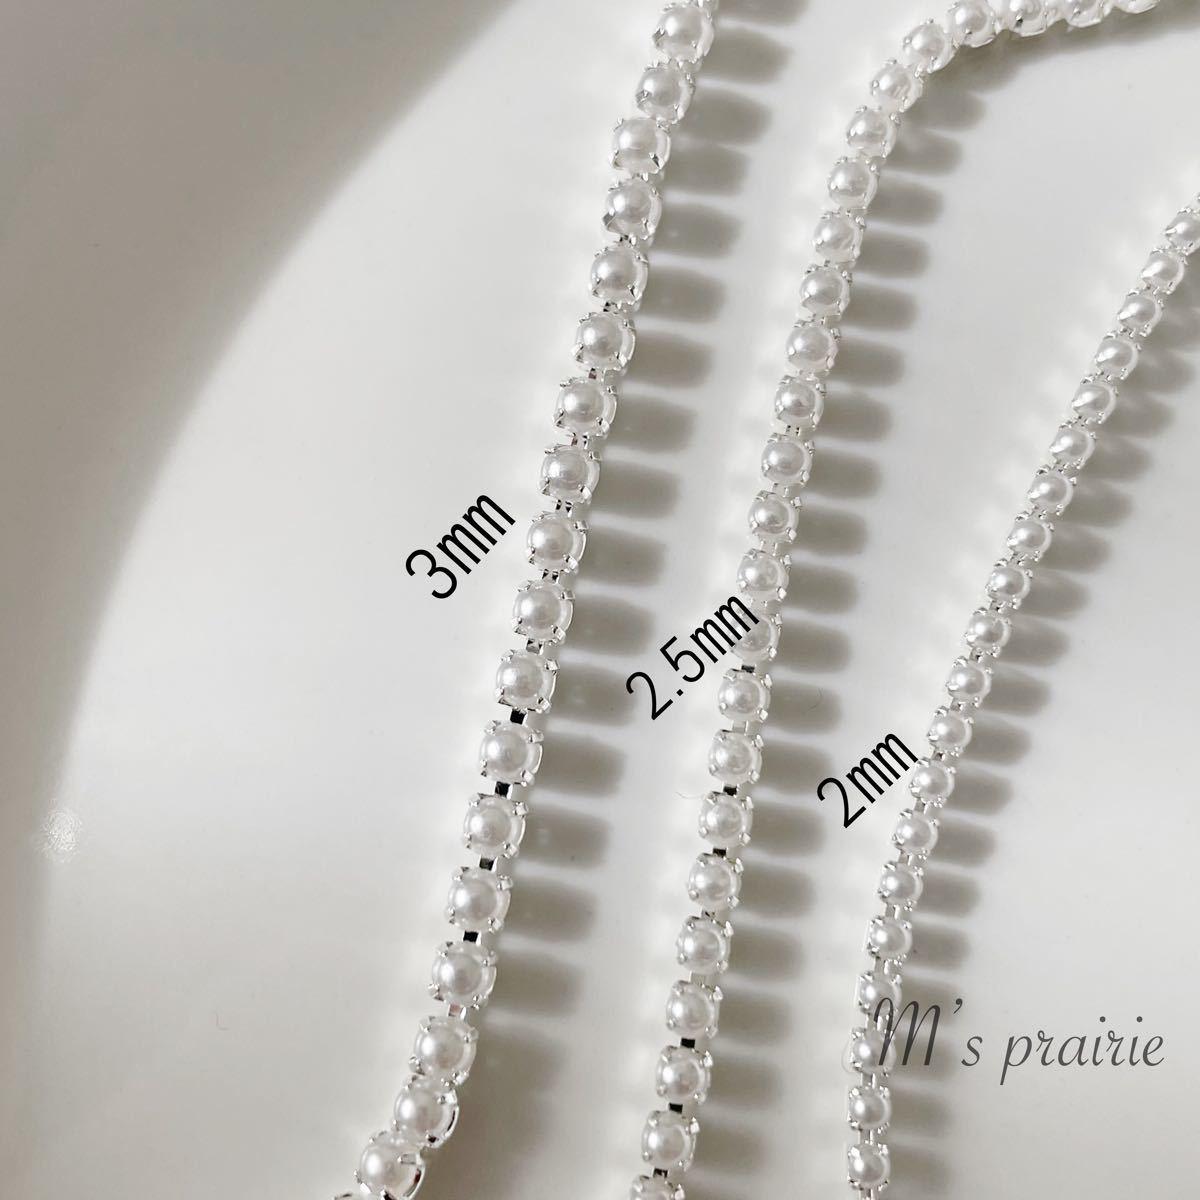 3種 50cmずつセット シルバーチェーン パール アソート お試し ハンドメイドブ 素材 飾り デコ パーツ ネイルアート